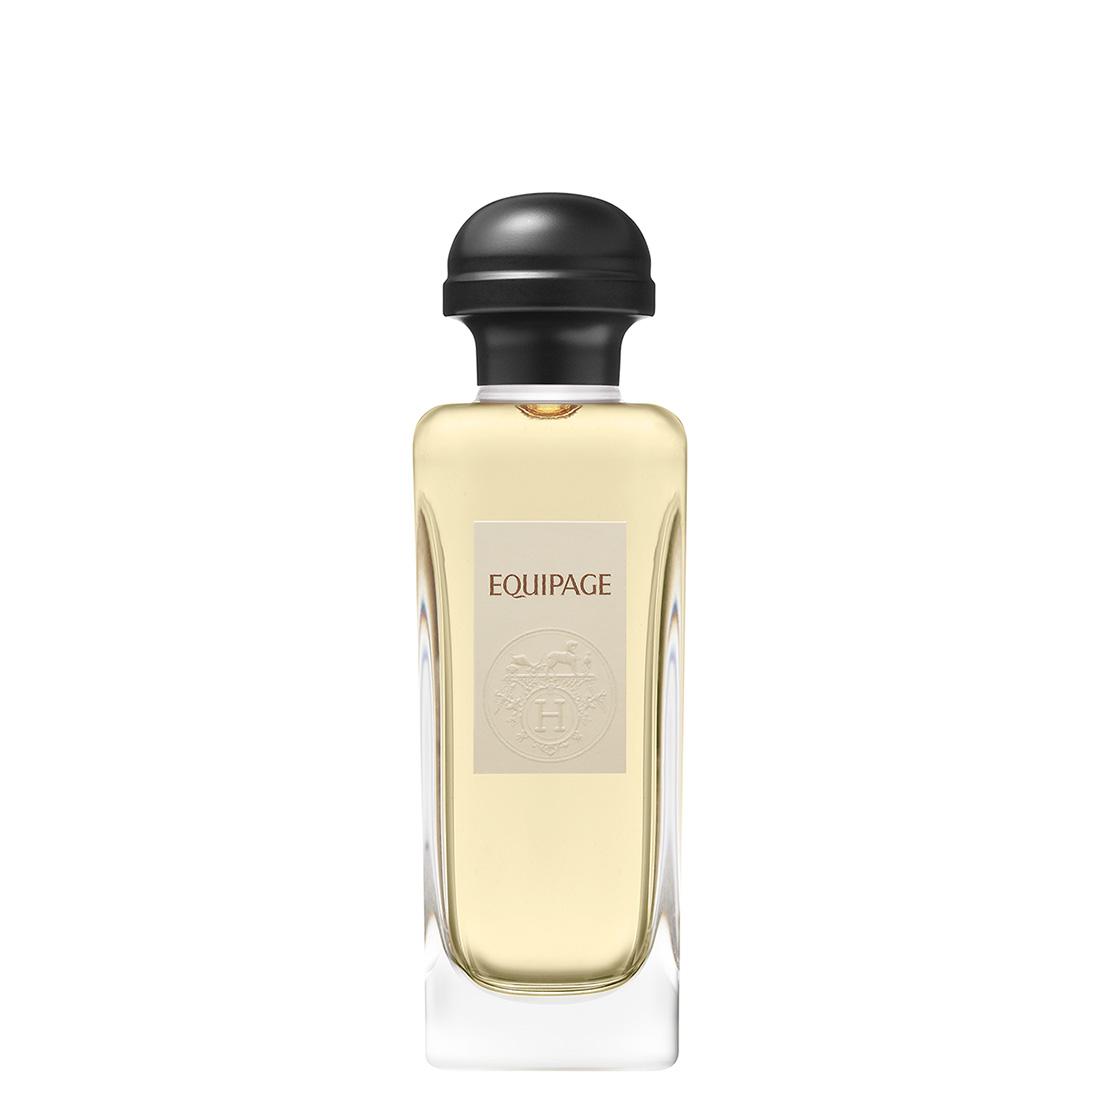 Hermès - Equipage - Eau de Toilette